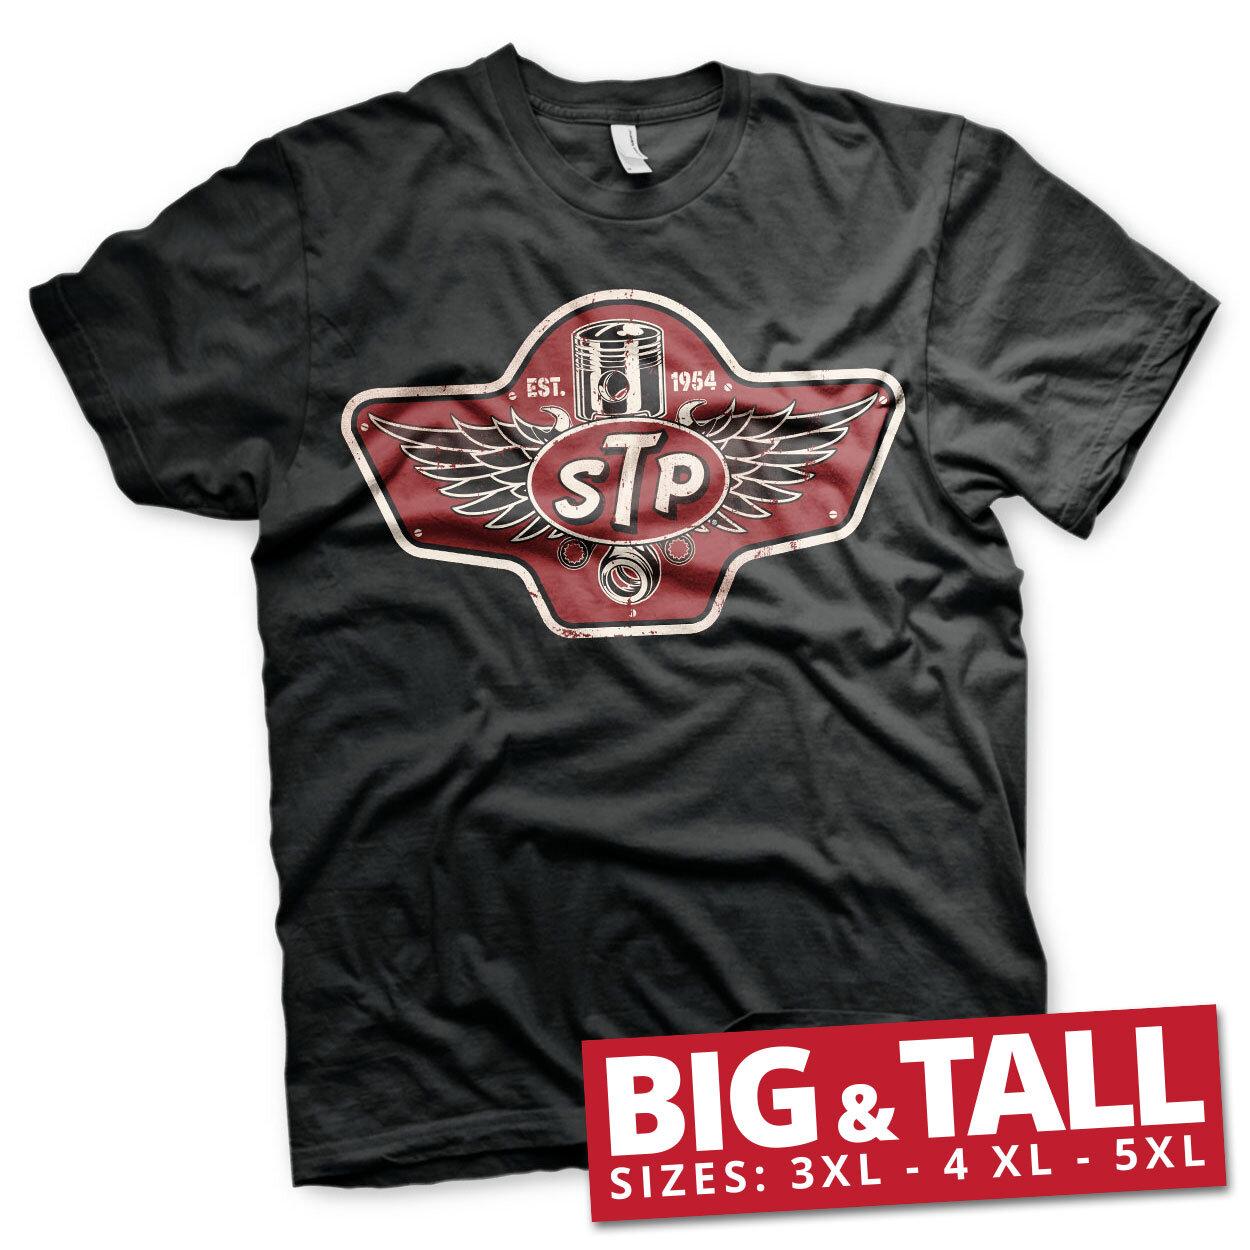 STP Piston Emblem Big & Tall T-Shirt